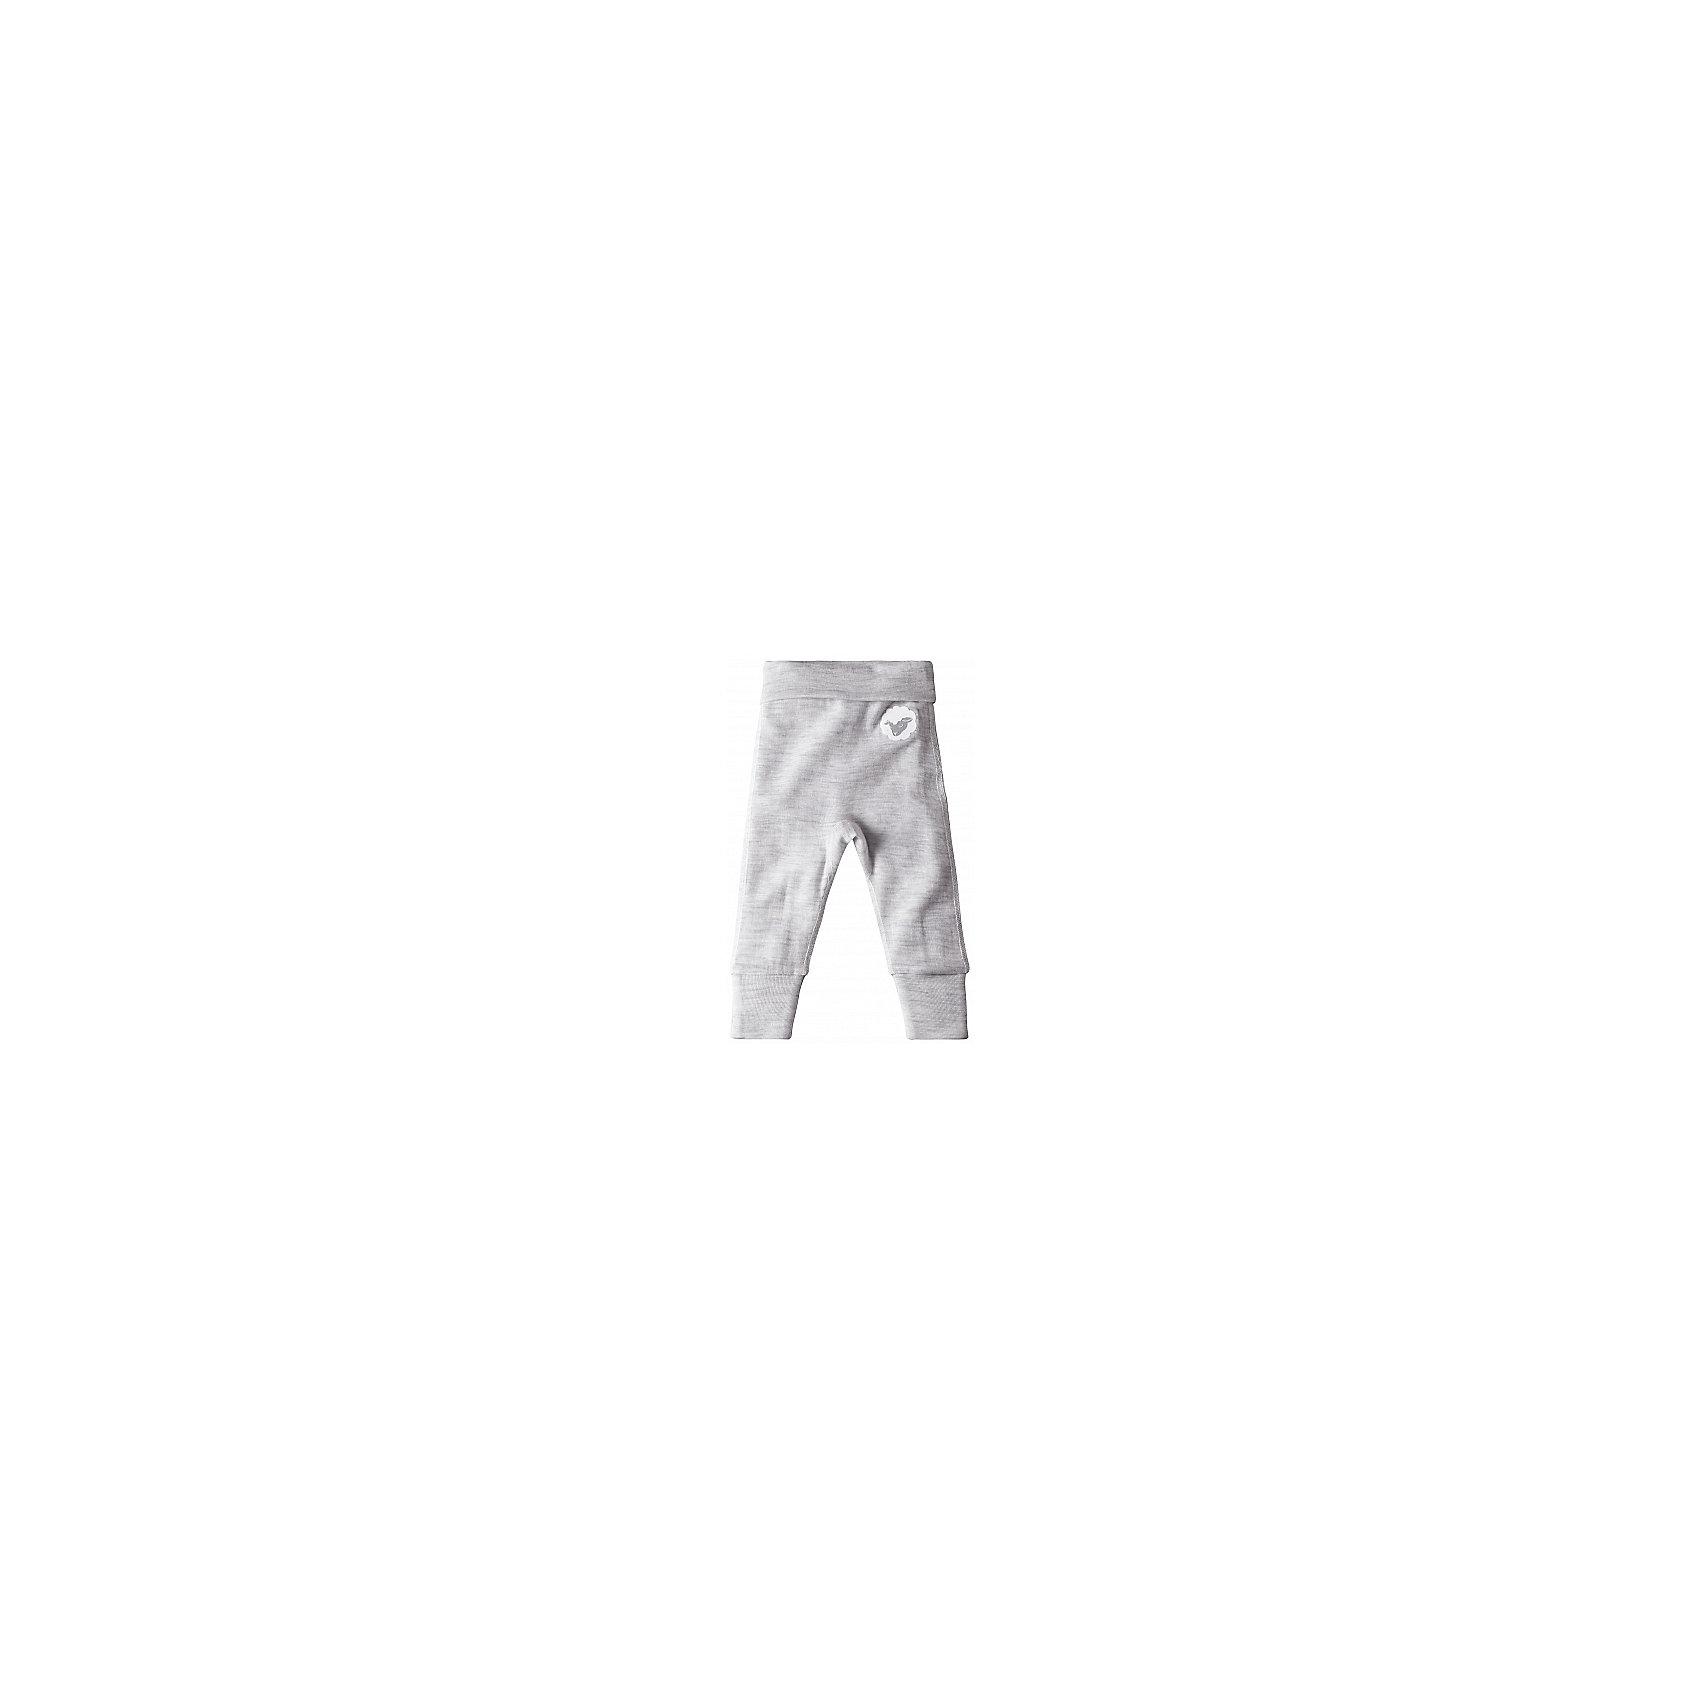 Брюки ReimaЭти красивые и мягкие шерстяные брючки сделаны из ткани, в состав которой входит мериносовая шерсть и Tencel®, благодаря чему изделие функционально и долго не теряет вид. Материал, в состав которого входят мягкая мериносовая шерсть и Tencel®, прекрасно контролирует температуру, поэтому брючки подходят для всех сезонов. Материал сохраняет форму даже после нескольких стирок. Удобный высокий пояс из эластичной вязаной резинки и подгибающиеся штанины в размерах 50-60 см обеспечат комфортную посадку по фигуре и немного свободного места на вырост. Мягкие плоские швы не натрут нежную кожу, и ребёнок будет чувствовать себя комфортно.<br><br>Шерстяные брючки для самых маленьких<br>Сочетание мягкой мериносовой шерсти и Tencel® контролирует температуру<br>Удобный высокий пояс из эластичной вязаной резинки<br>Подгибающиеся штанины в размерах 50-62 см<br>Мягкие плоские швы для большего удобства, никакого натирания<br><br>Состав:<br>72% Шерсть 28% Лиоцелл<br><br><br>Брюки Reima (Рейма) можно купить в нашем магазине.<br><br>Ширина мм: 215<br>Глубина мм: 88<br>Высота мм: 191<br>Вес г: 336<br>Цвет: белый<br>Возраст от месяцев: 12<br>Возраст до месяцев: 15<br>Пол: Унисекс<br>Возраст: Детский<br>Размер: 62,80,56,74,68<br>SKU: 4208275